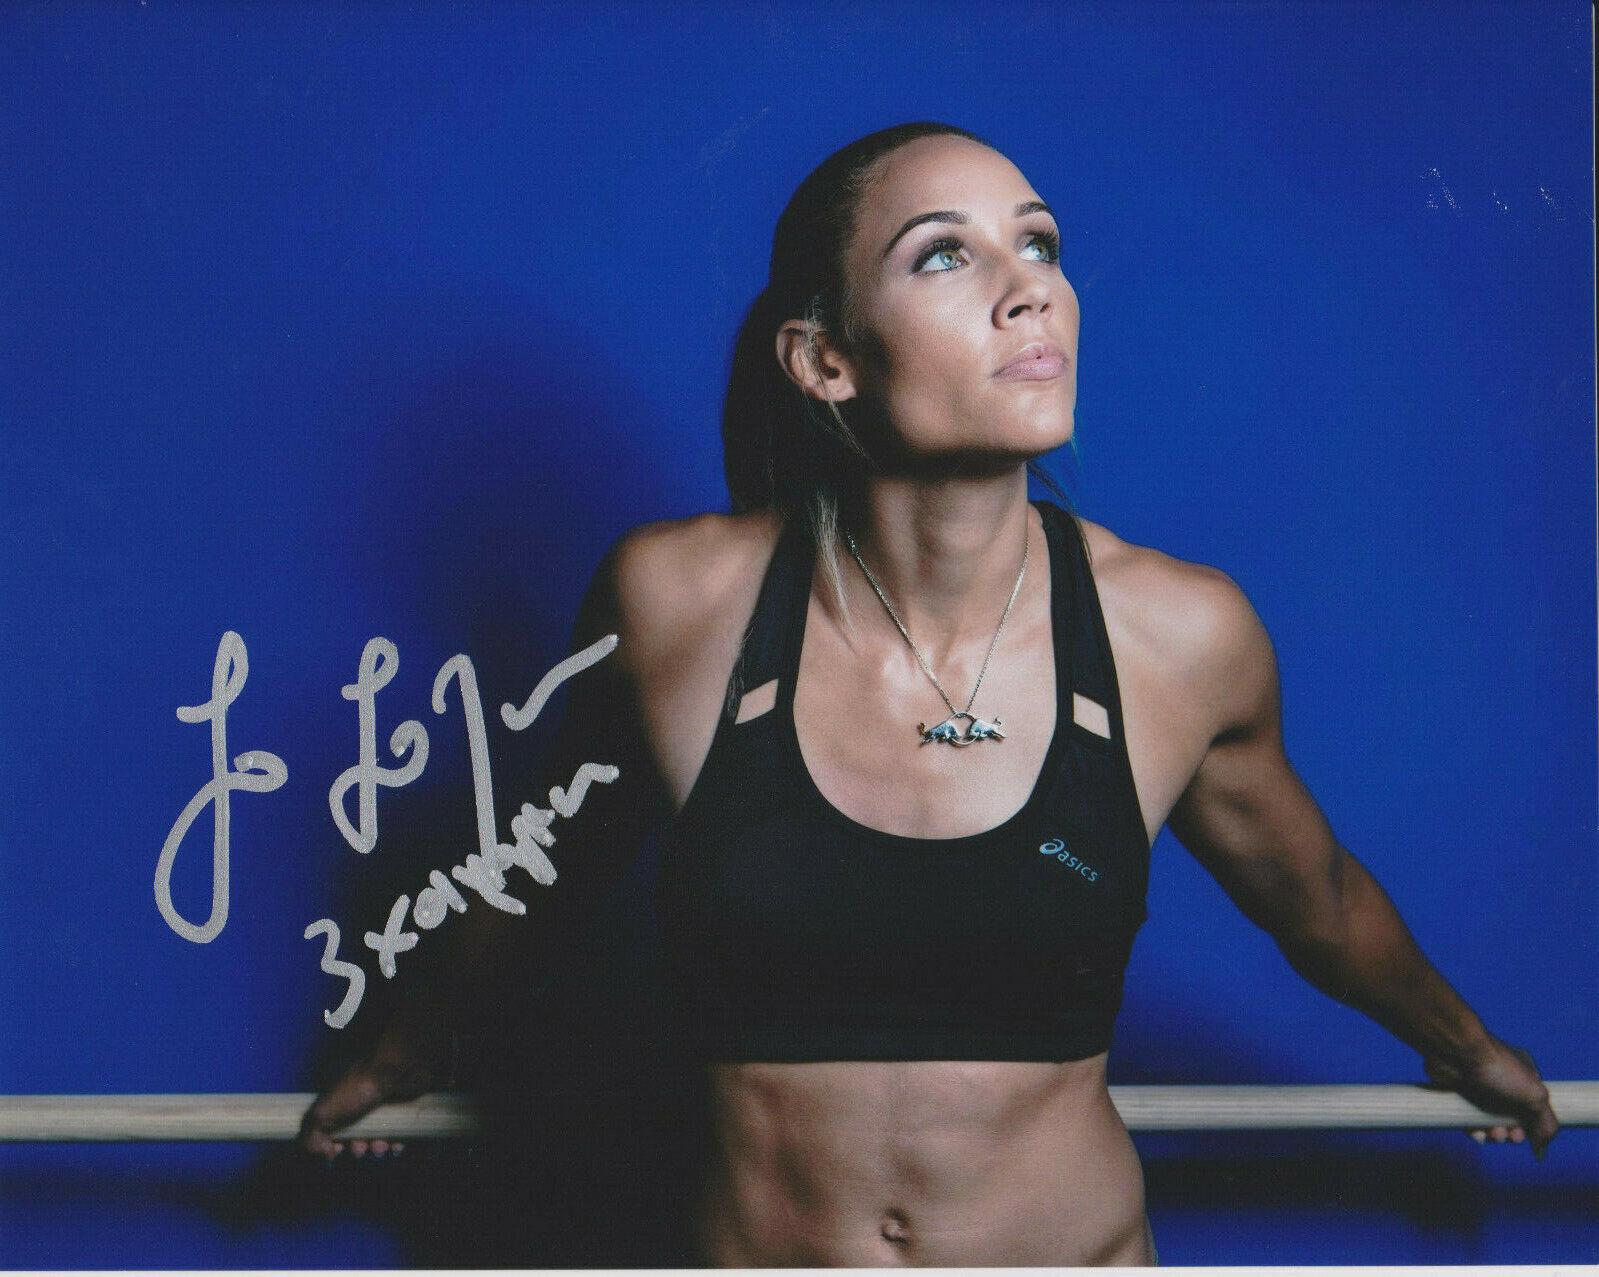 Lolo Jones Etats-Unis Olympiques Athlète Signé 8x10 Photo B